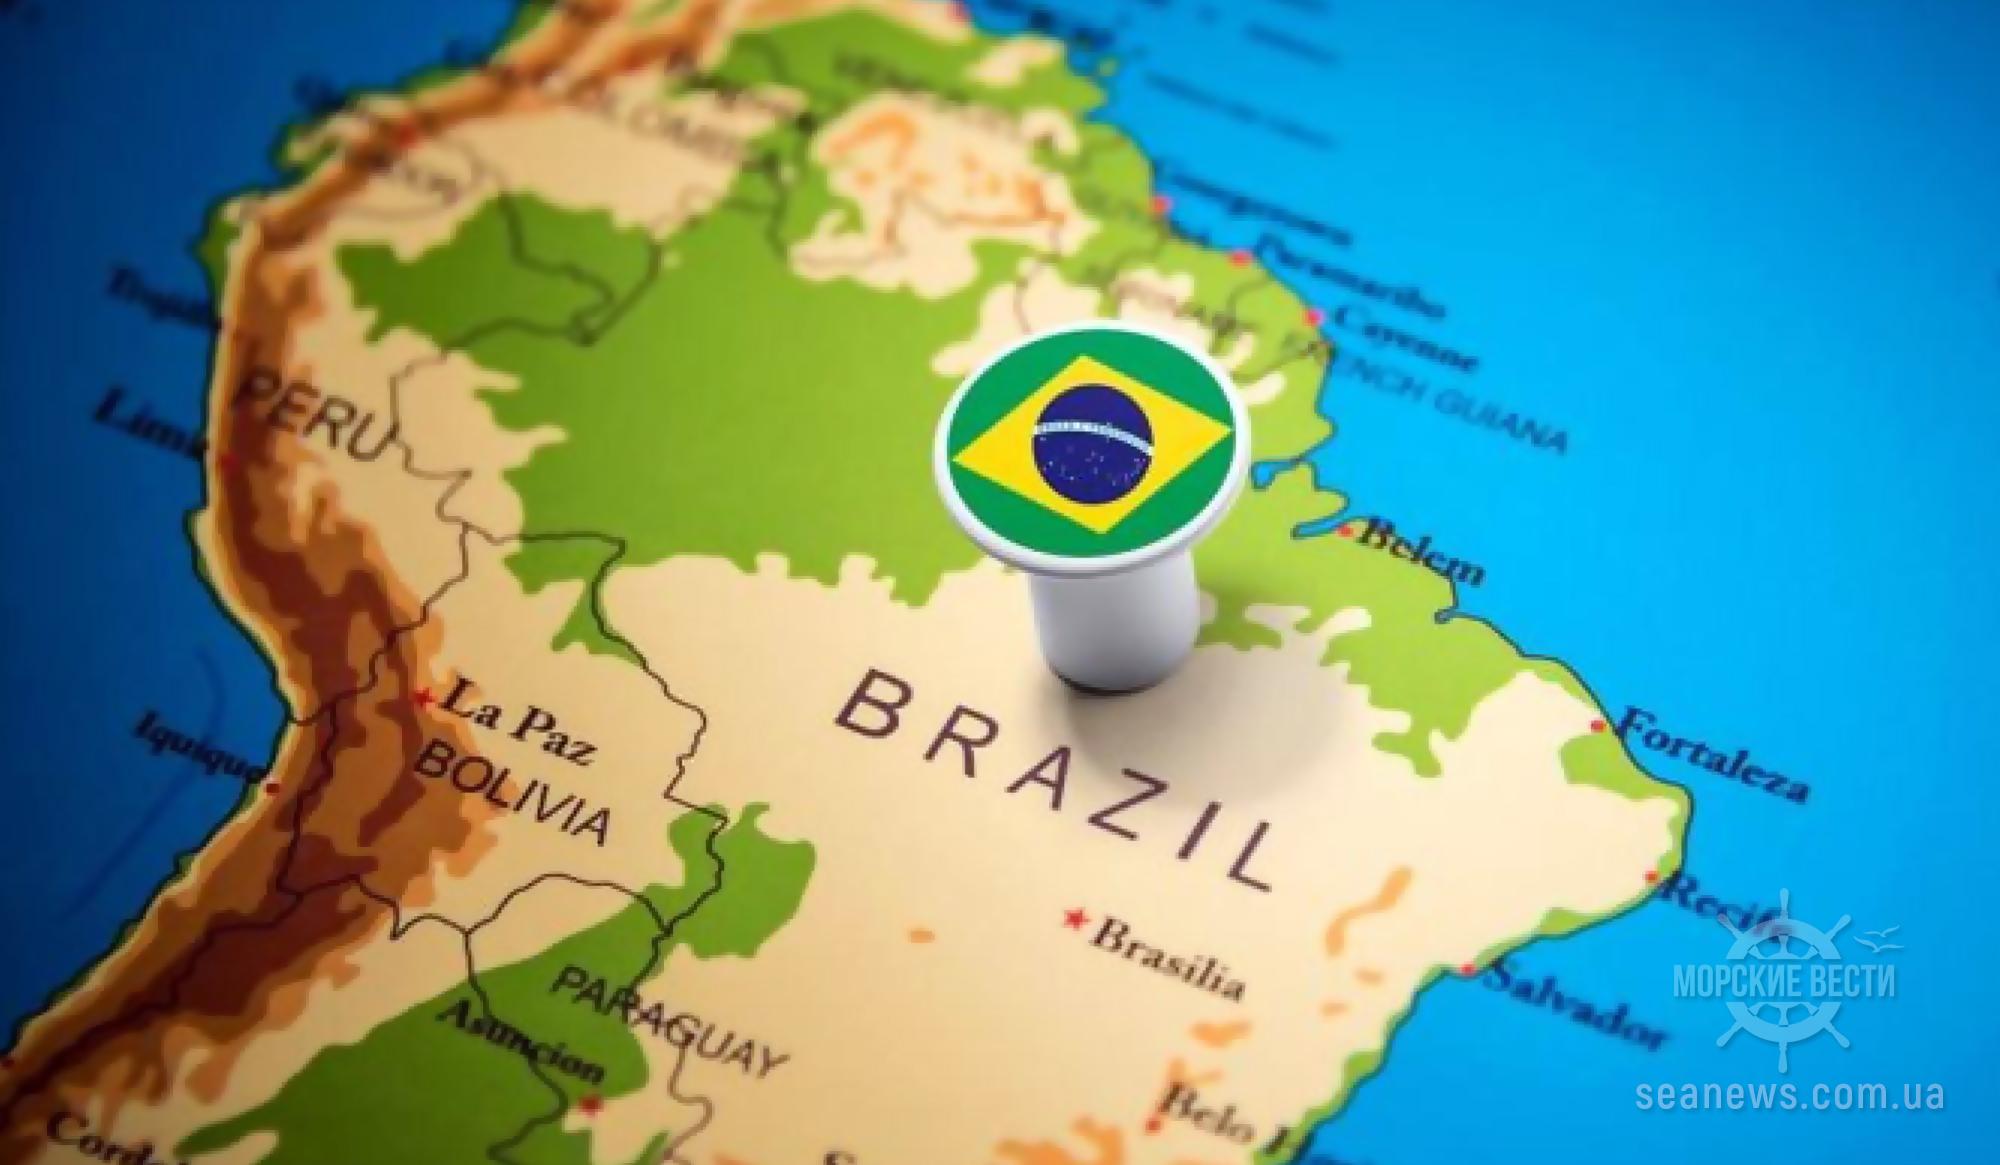 Моряк из Одессы застрял в Бразилии из-за пандемии